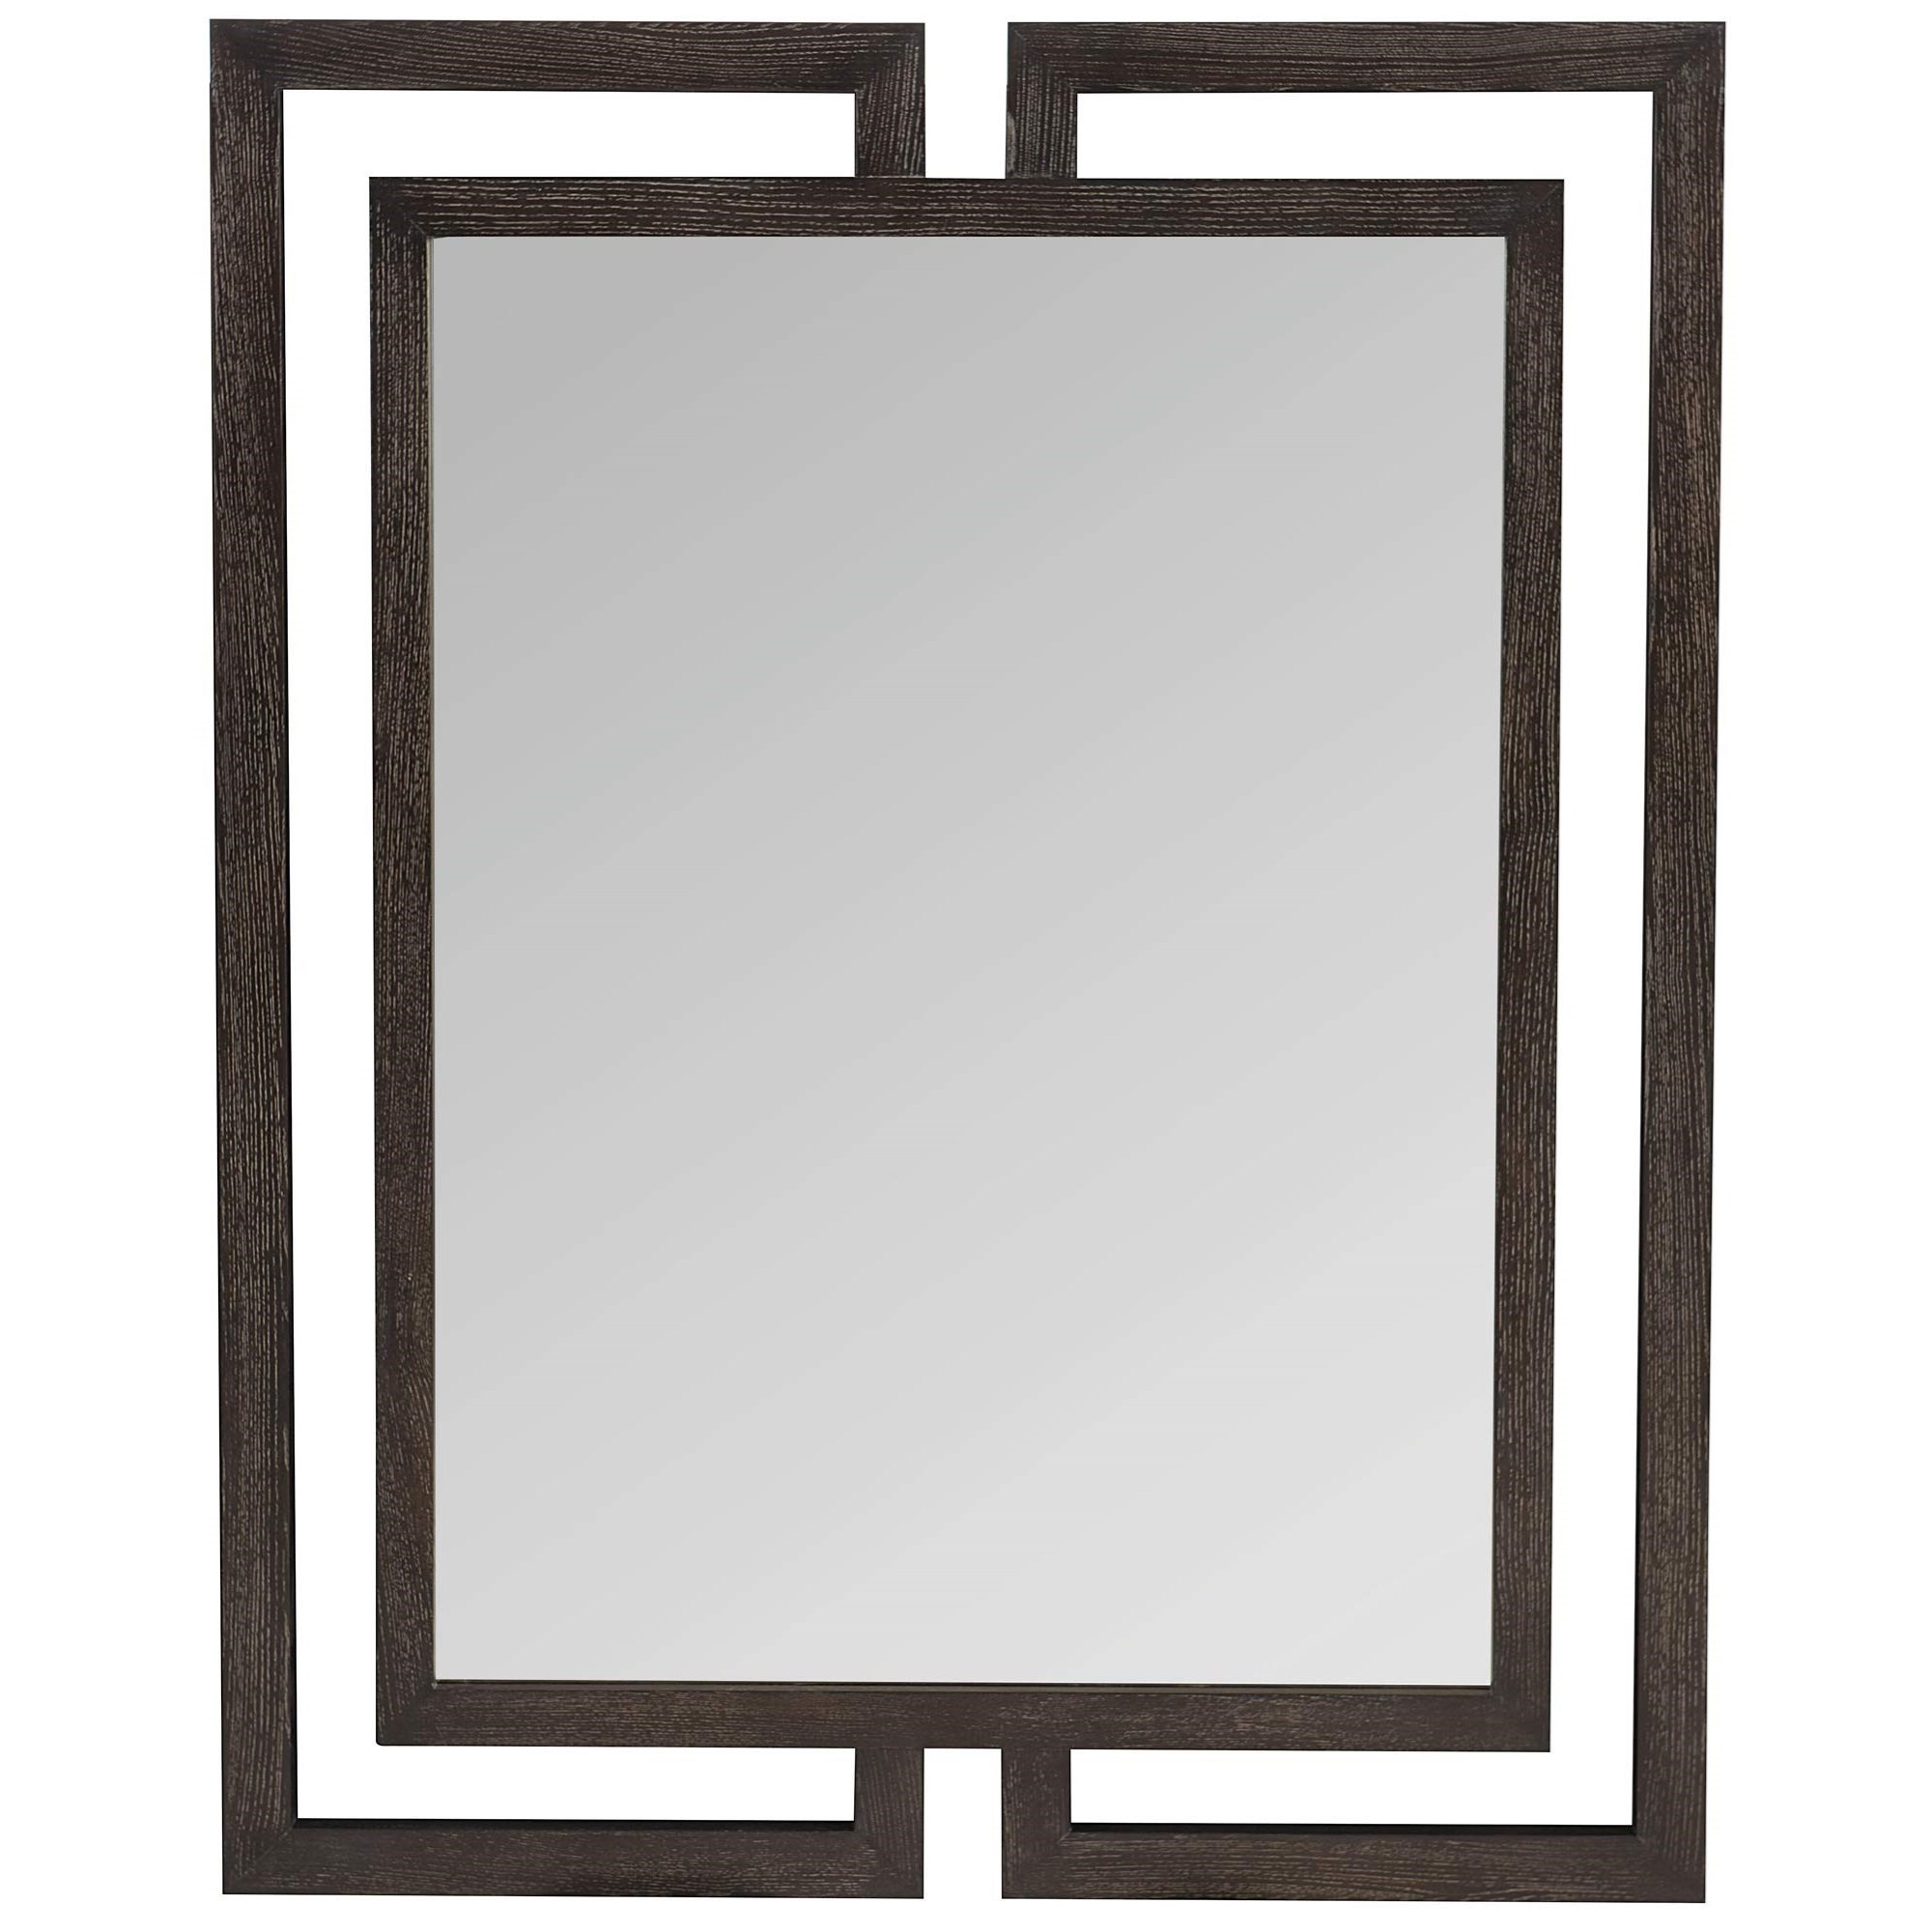 Decorage Mirror by Bernhardt at Baer's Furniture